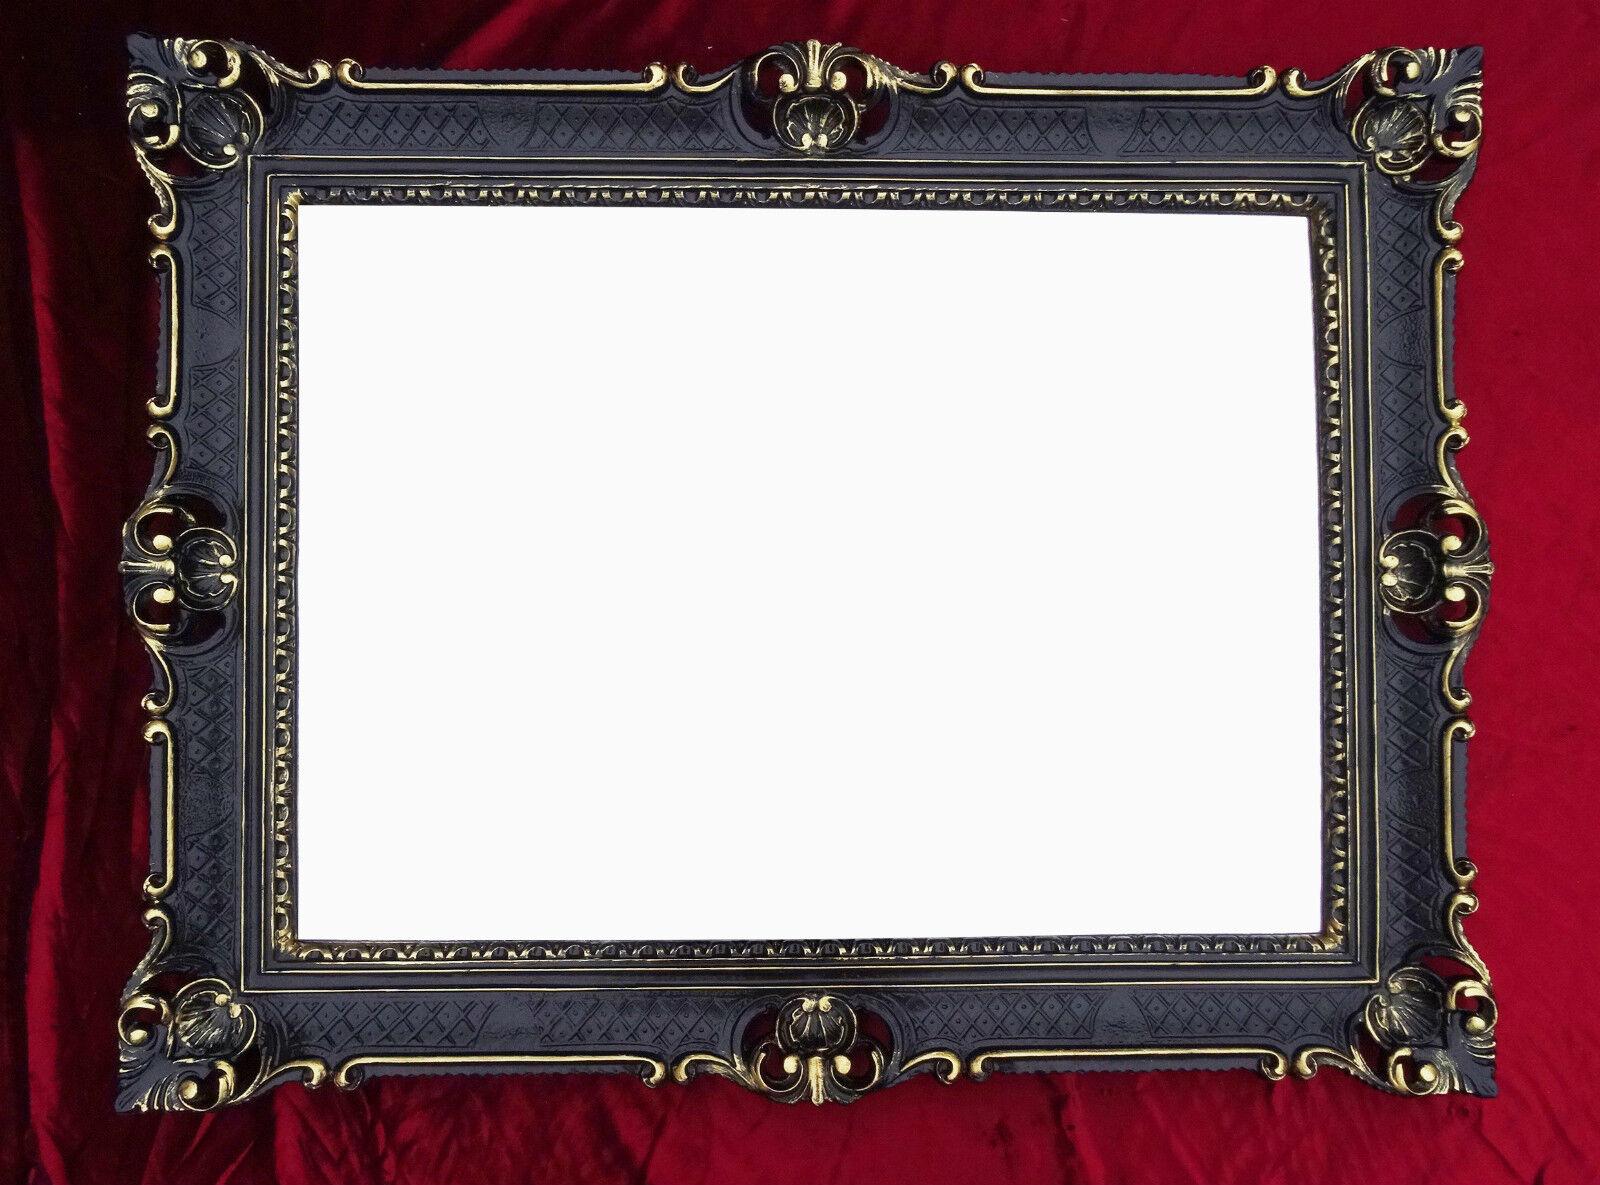 WALL MIRROR BLACK GOLD ANTIQUE BAROQUE ROCOCO 90x70 FRAME